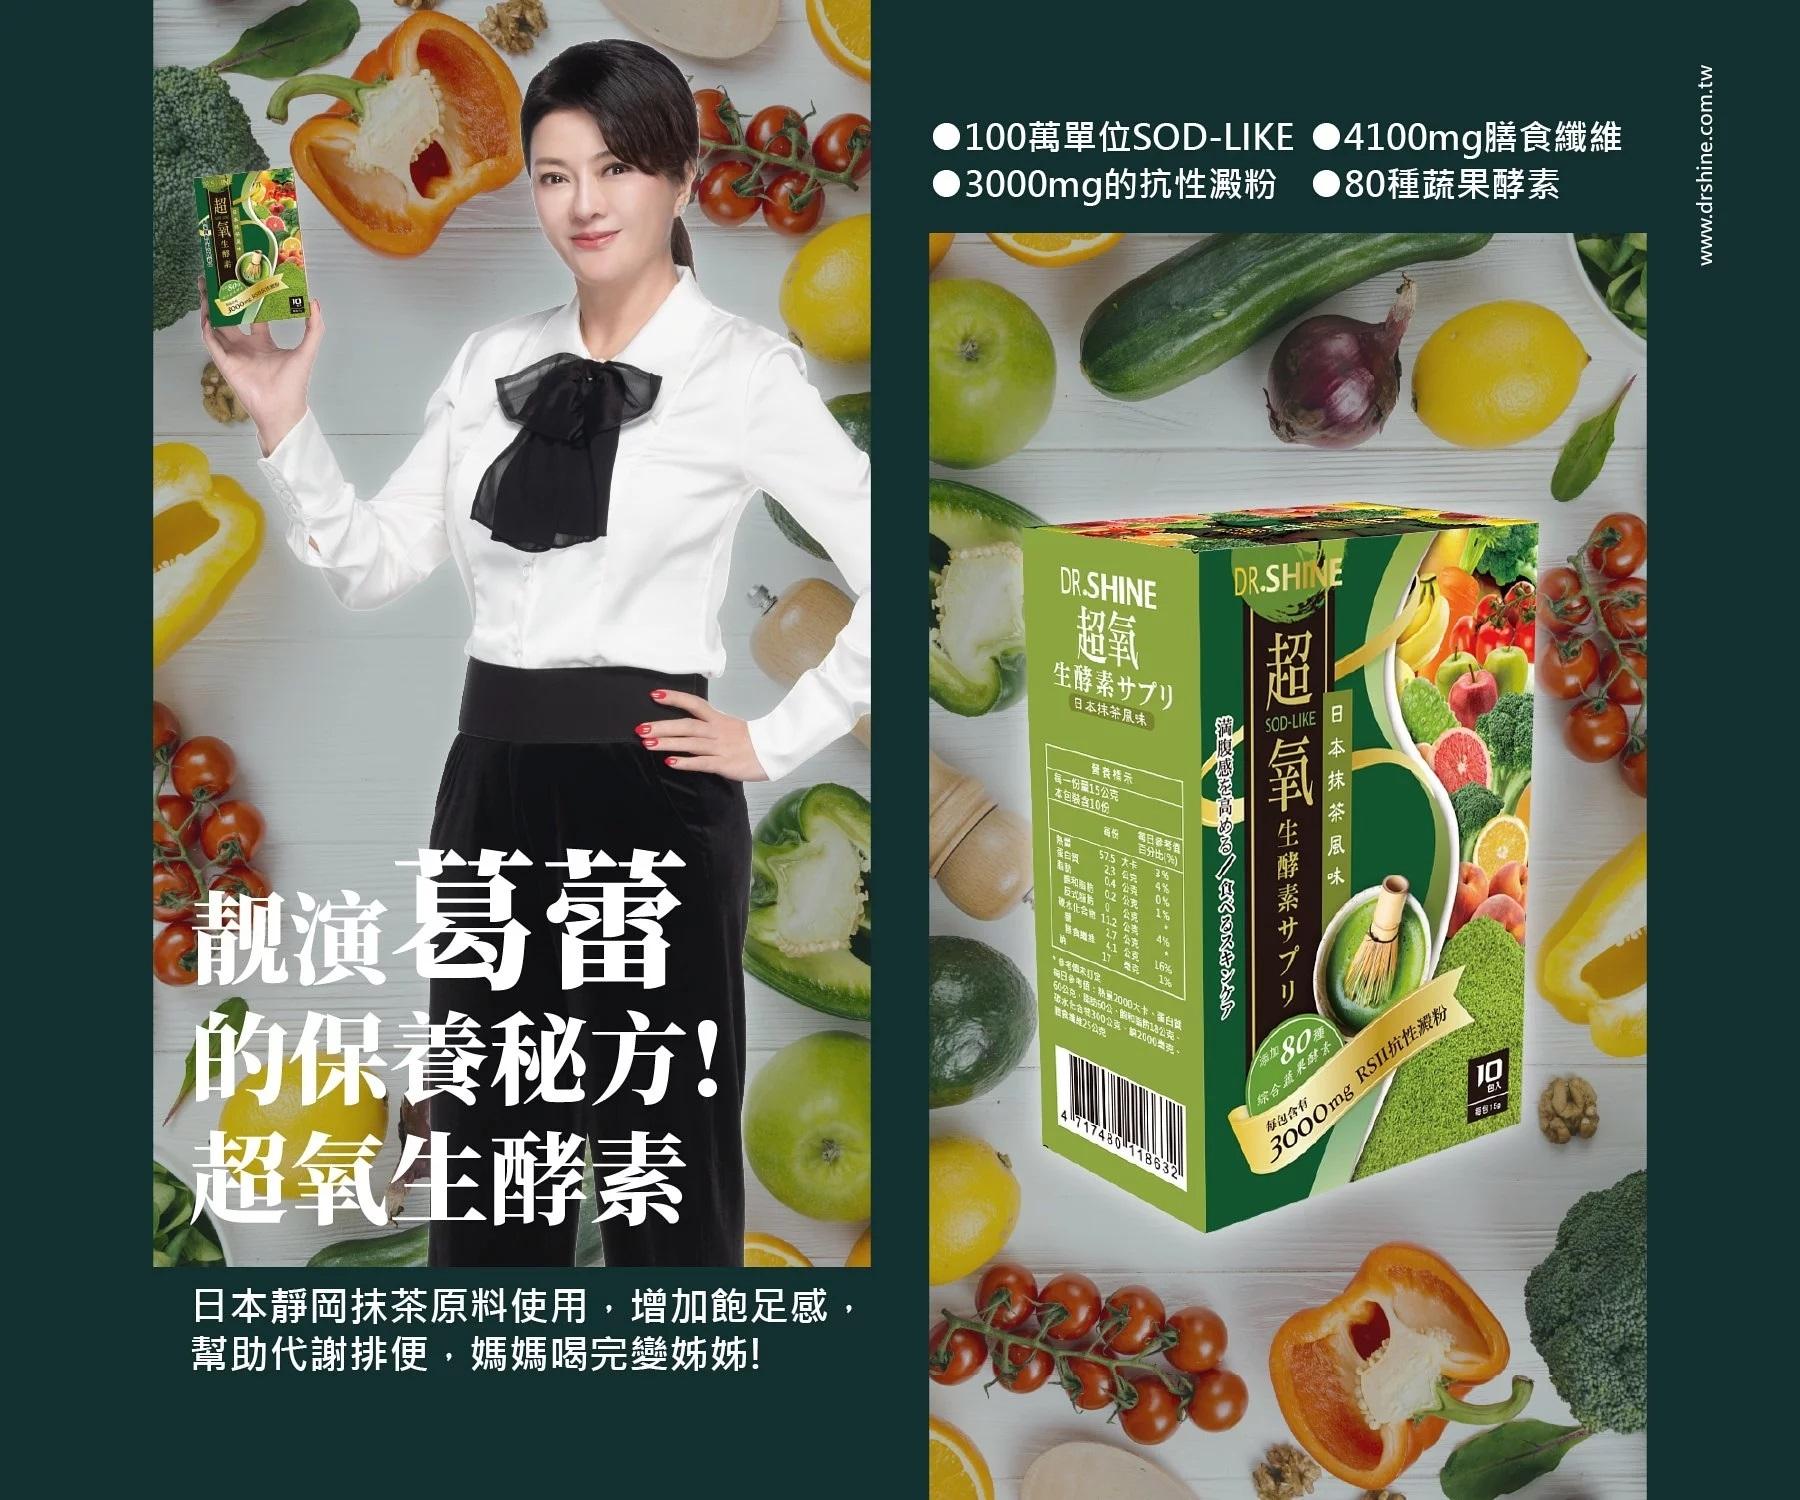 葛蕾推薦 dr.shine 光澤醫美 超氧生酵素 SOD-LIKE